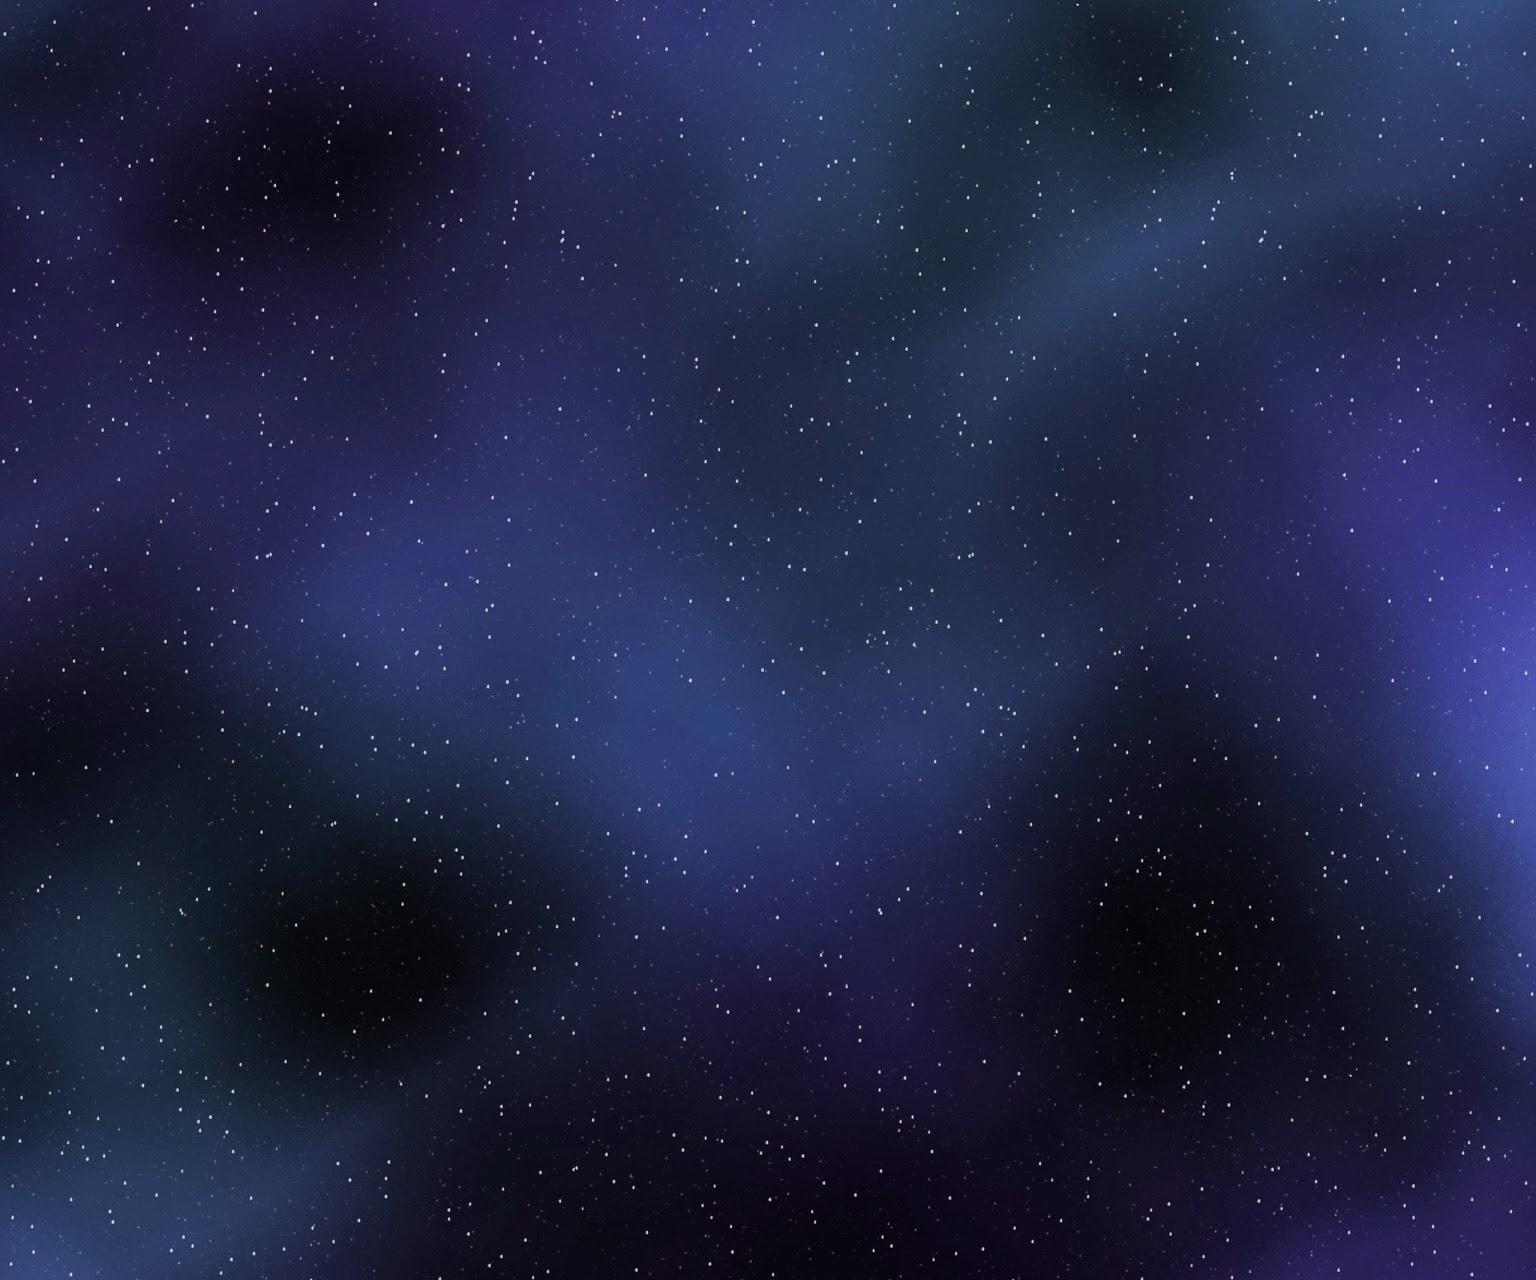 Best Blackberry Wallpaper: Best Simple BlackBerry Z10 Backgrounds